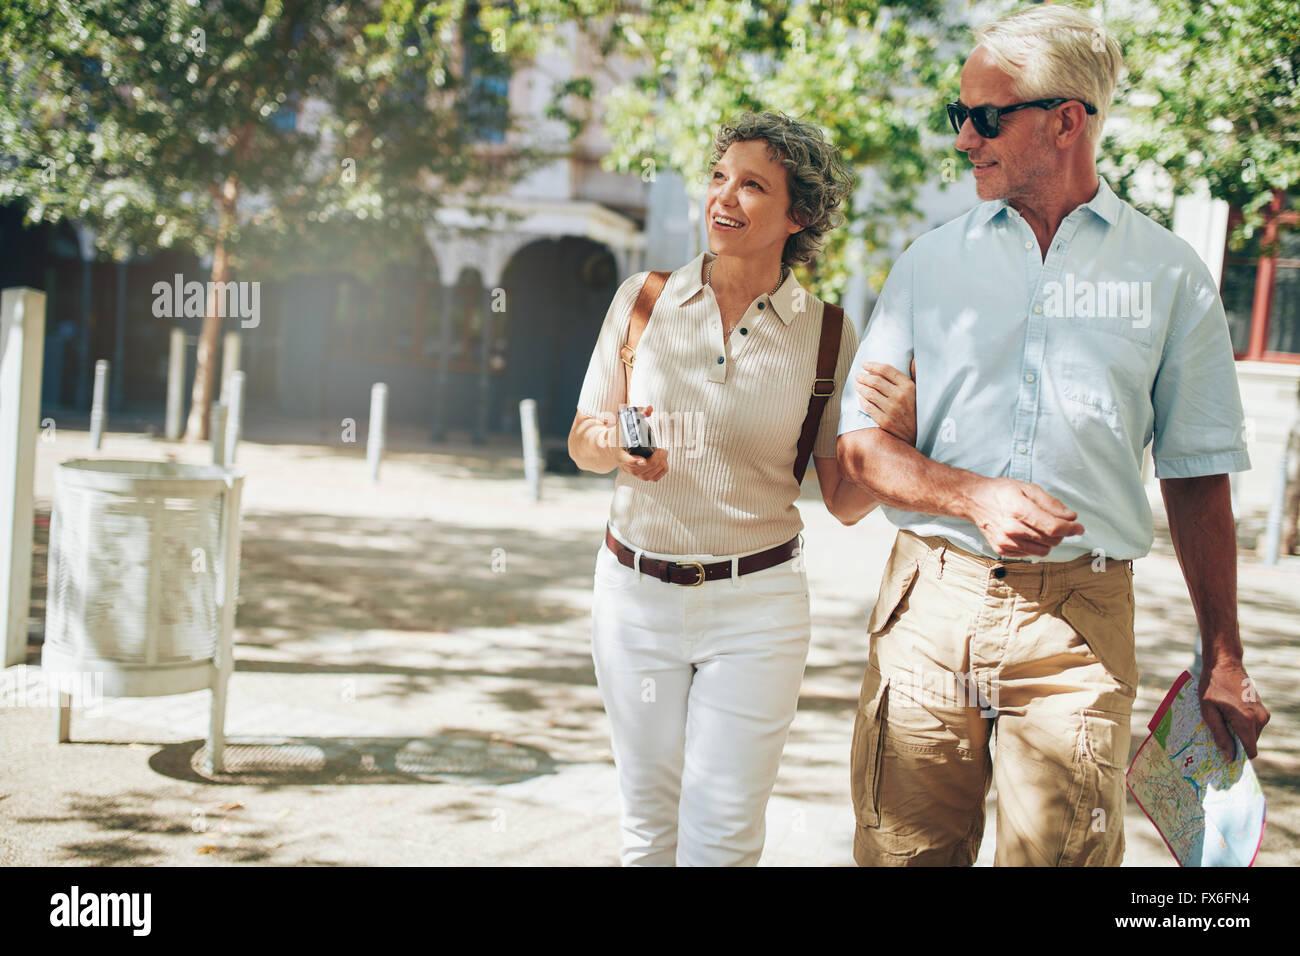 Coppia senior in vacanza, il roaming intorno in una città straniera. Uomo e donna che cammina in una città Immagini Stock